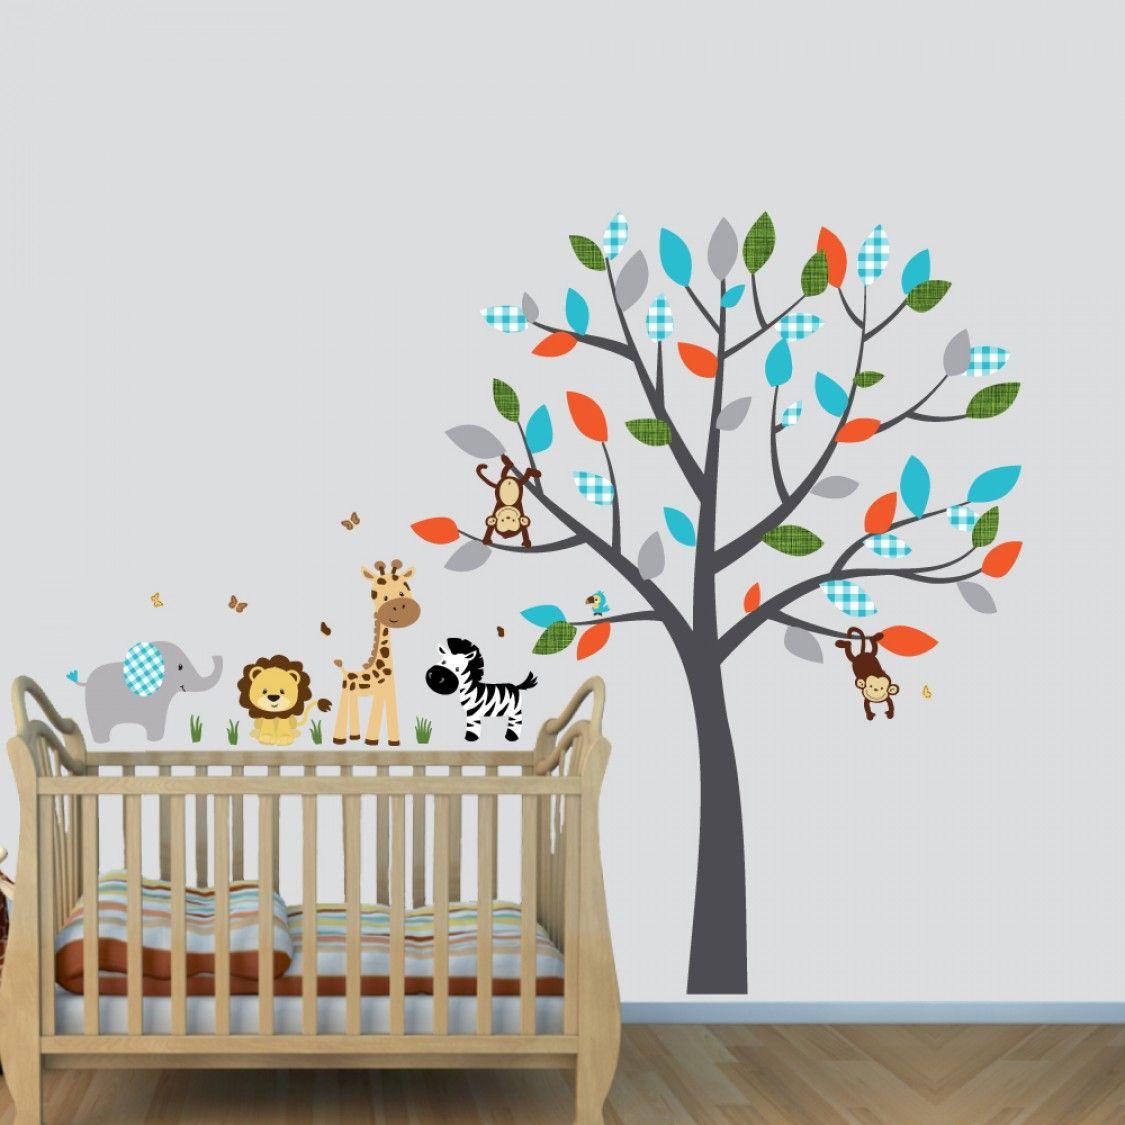 Full Tree Mini Animal Wall Stickers